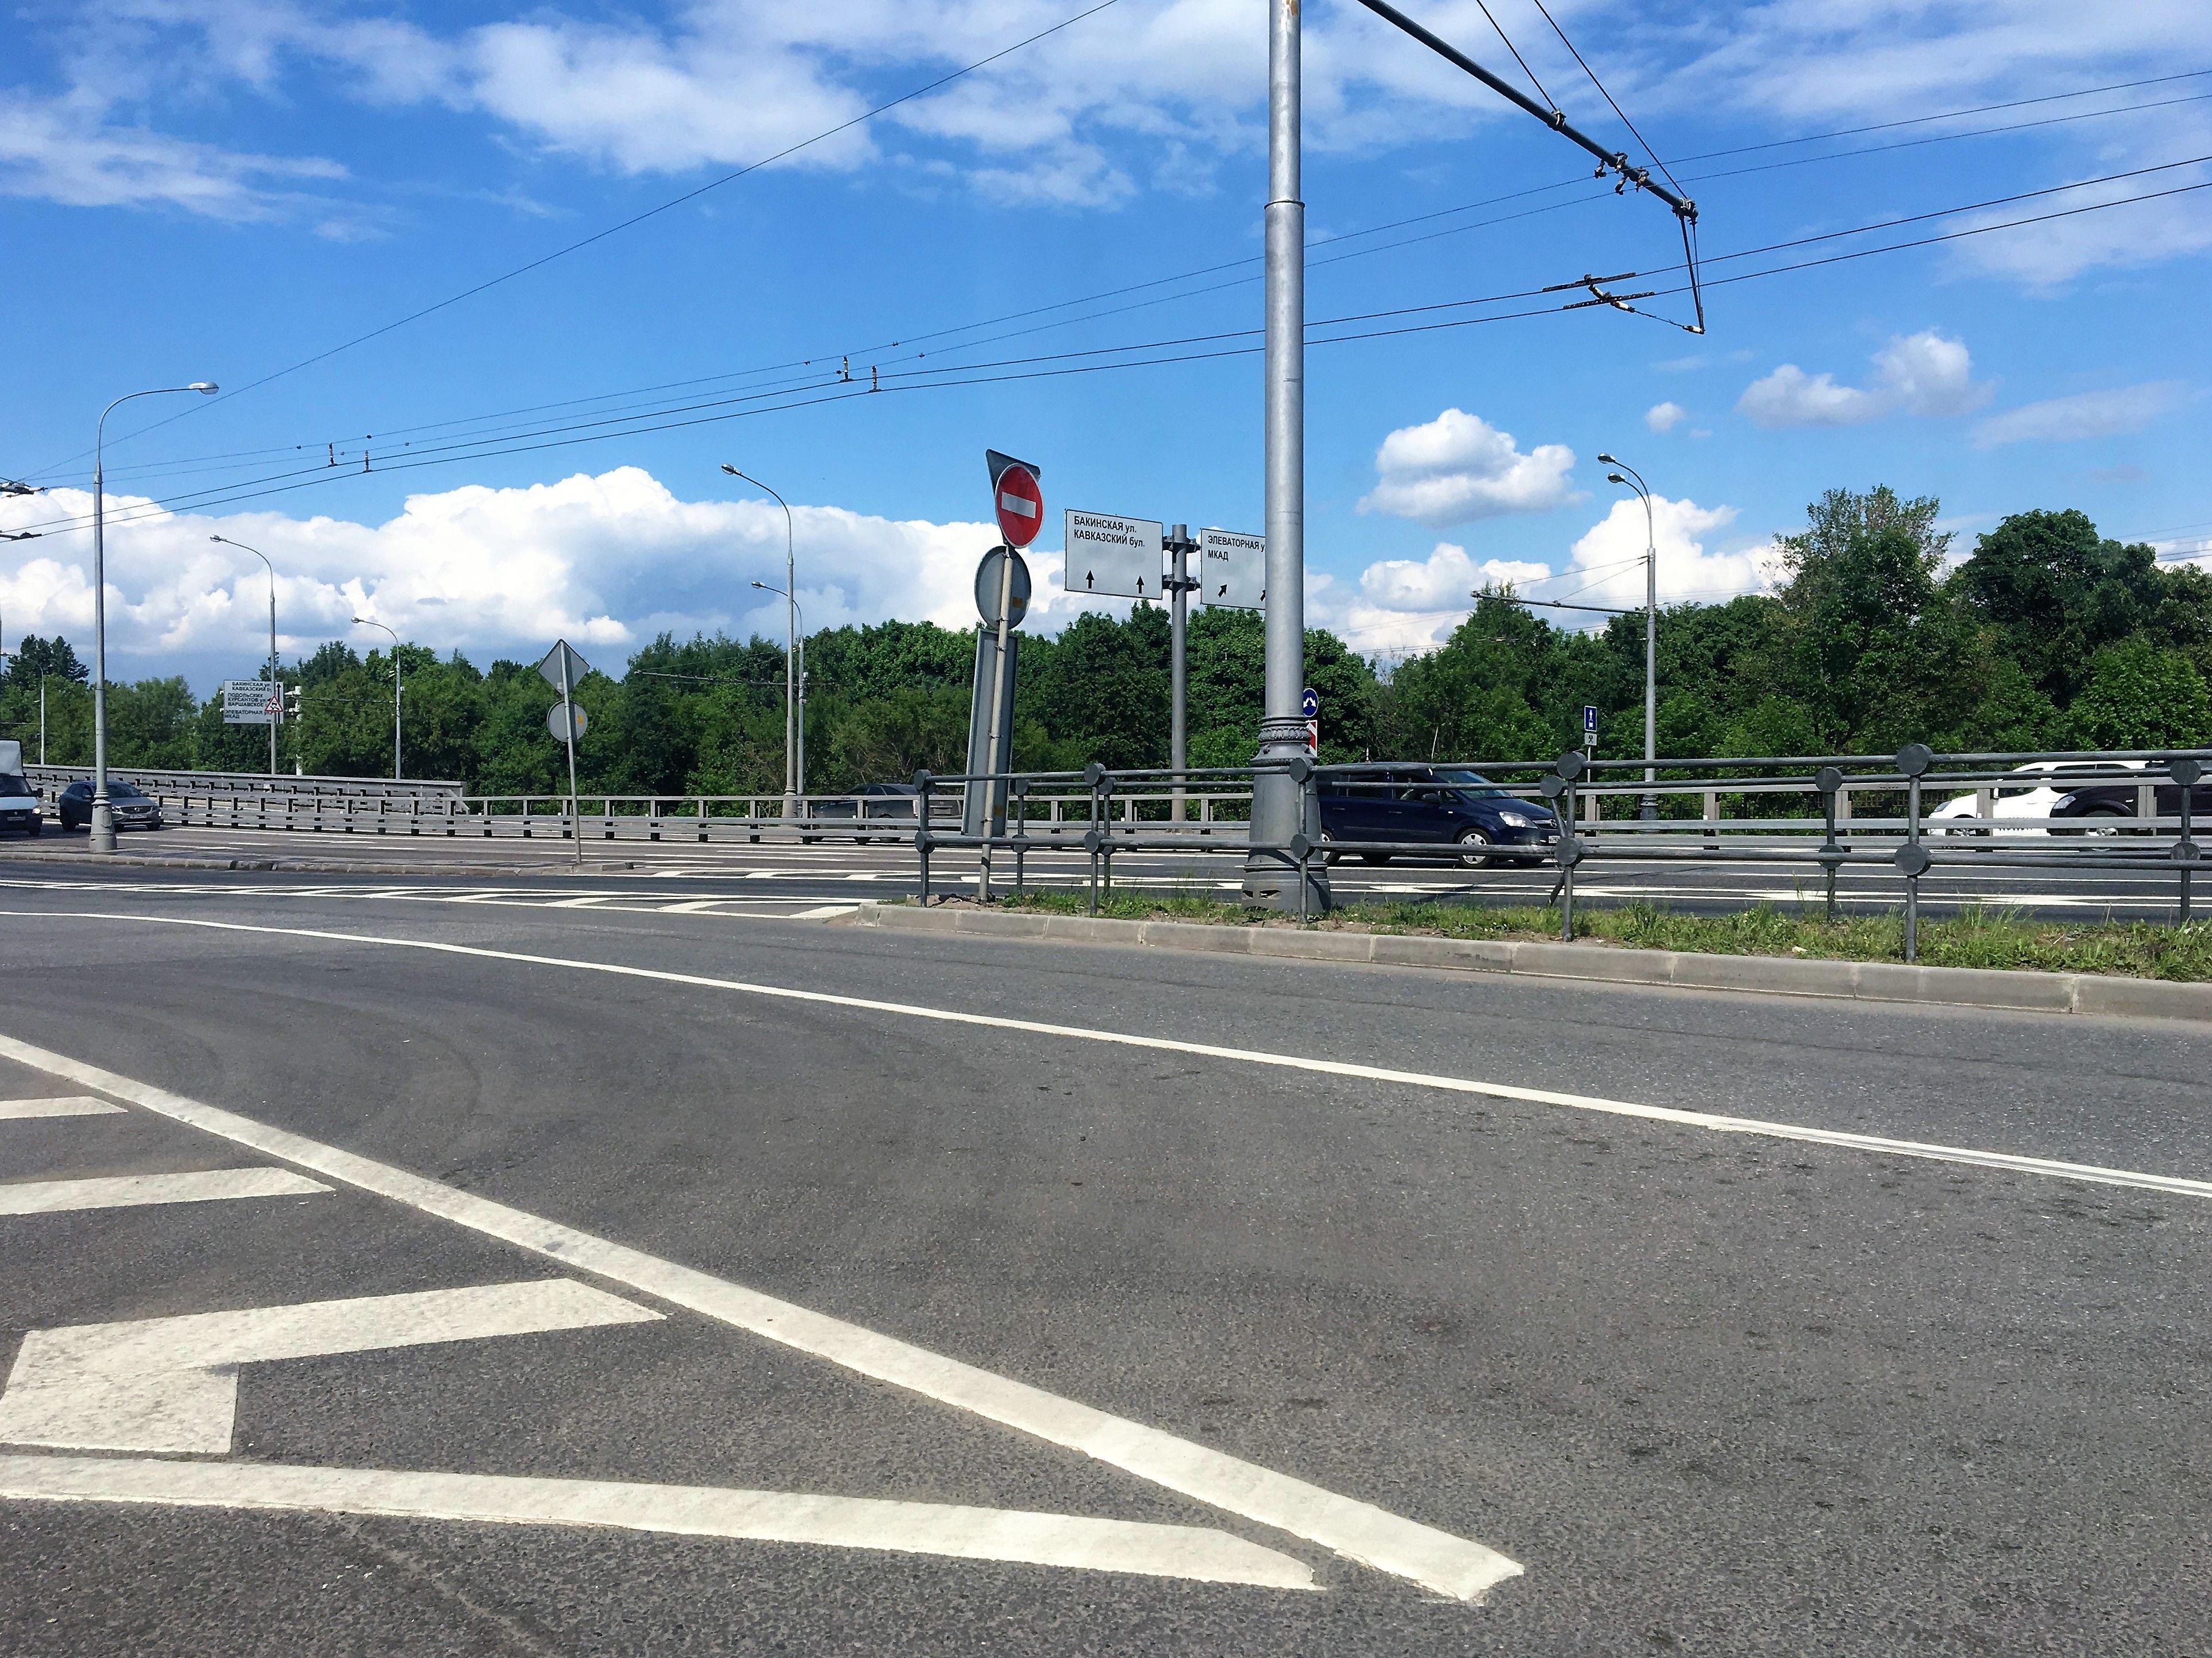 Специалисты начали проектировать почти 140 километров дорог в Новой Москве. Фото: Анна Быкова